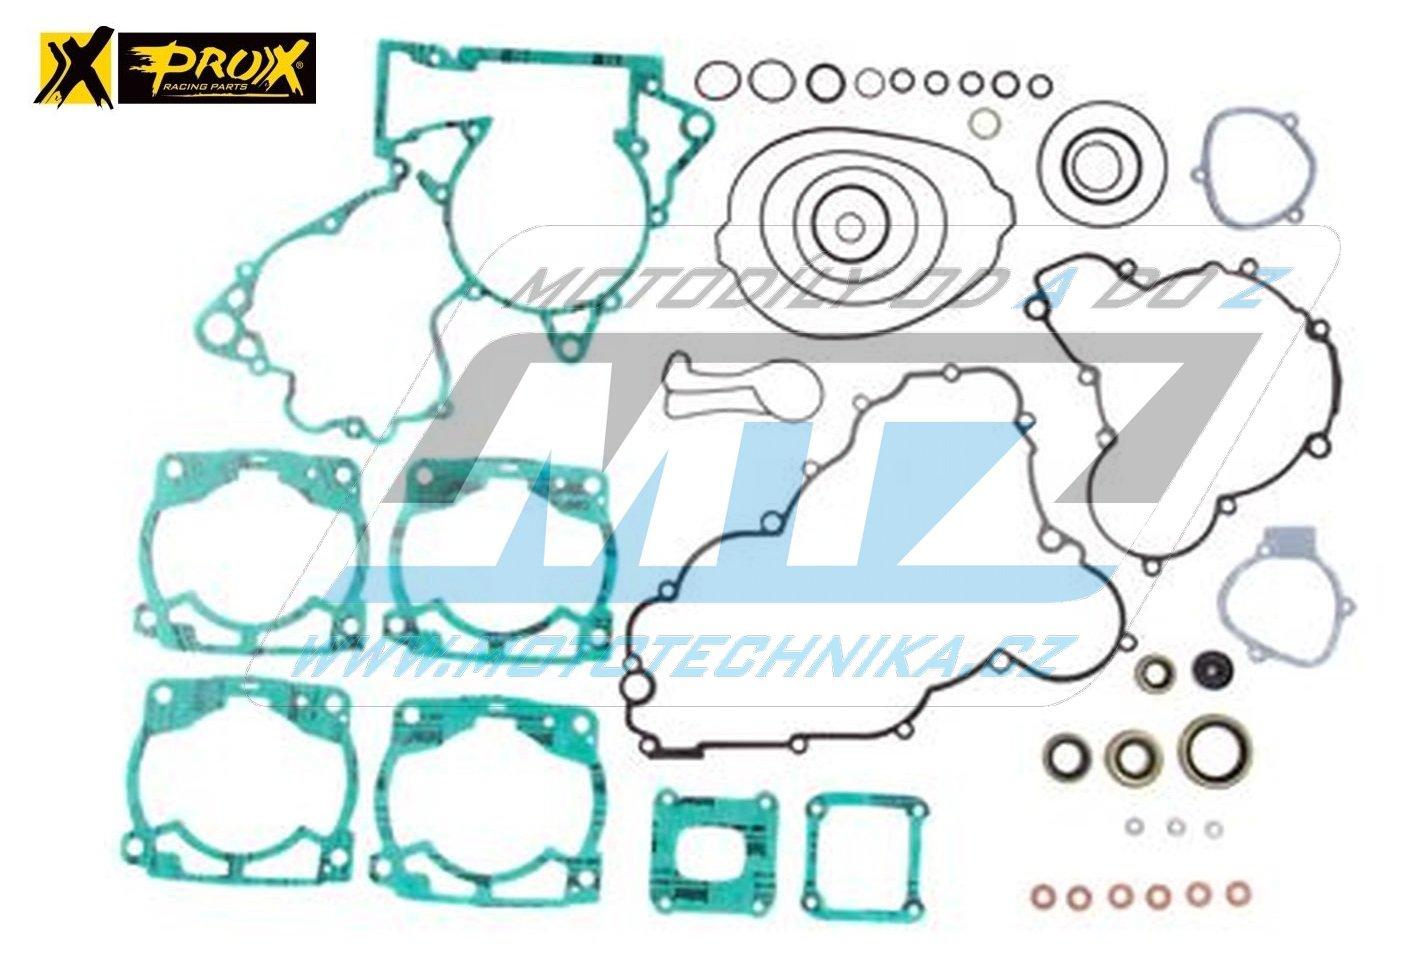 Těsnění kompletní motor (včetně gufer motoru) KTM 250SX + 250EXC + 300EXC / 17 + Husqvarna TC250 + TE250 + TE300 / 17